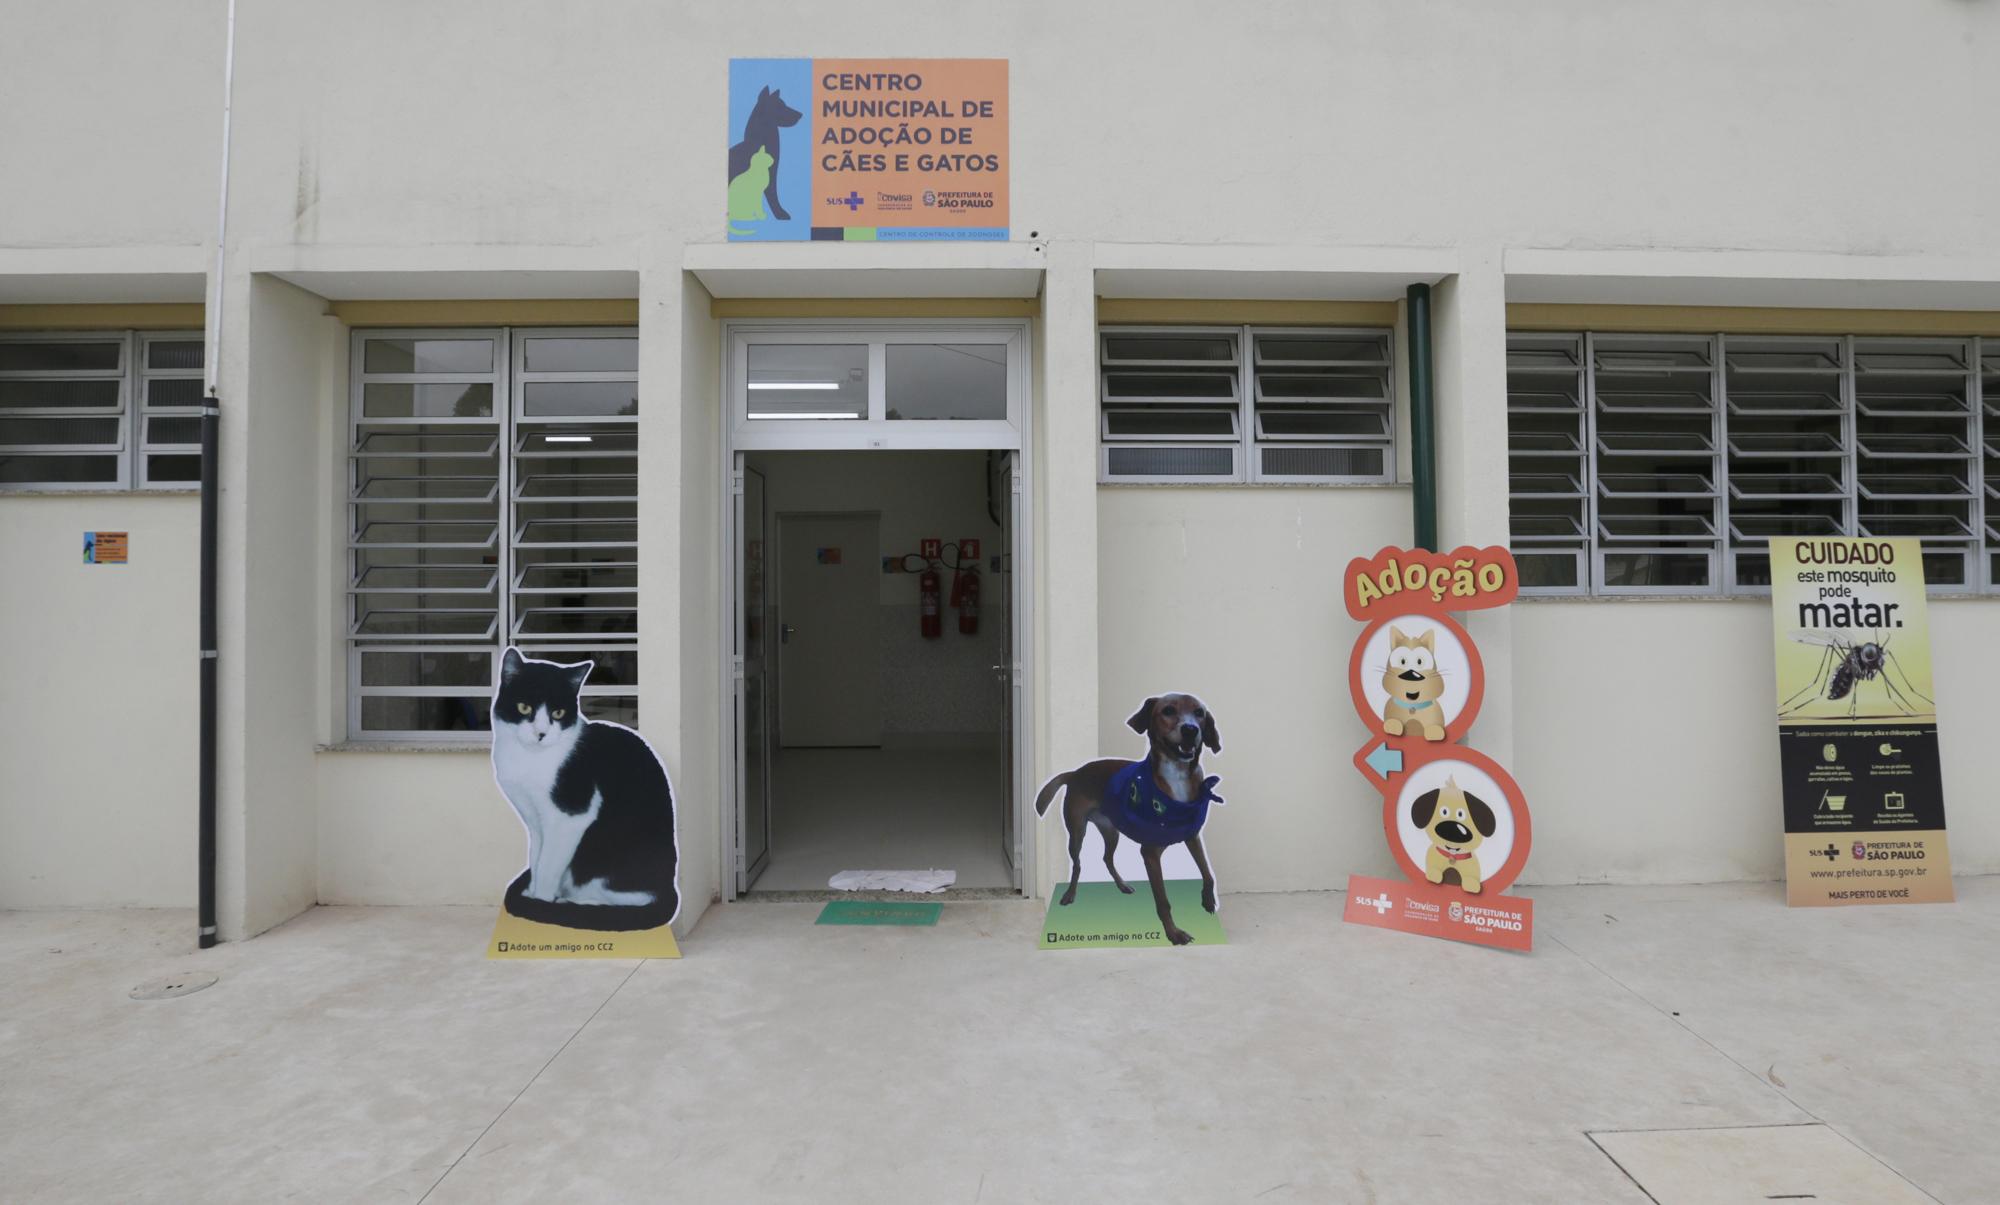 São Paulo ganha núcleo que resgata e promove a adoção de cães e gatos